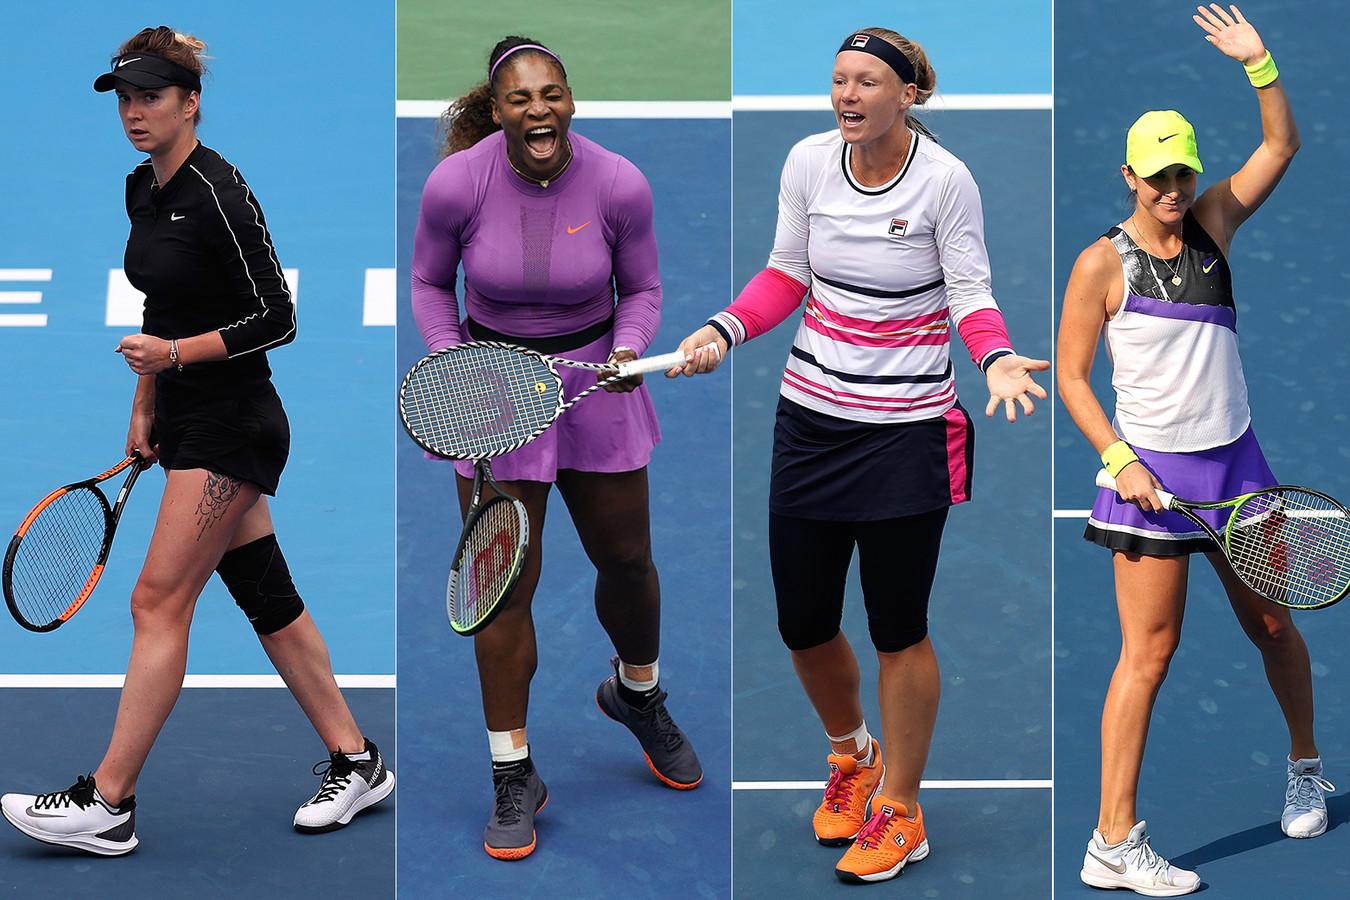 Vlnr: Elina Svitolina, Serena Williams, Kiki Bertens en Belinda Bencic.